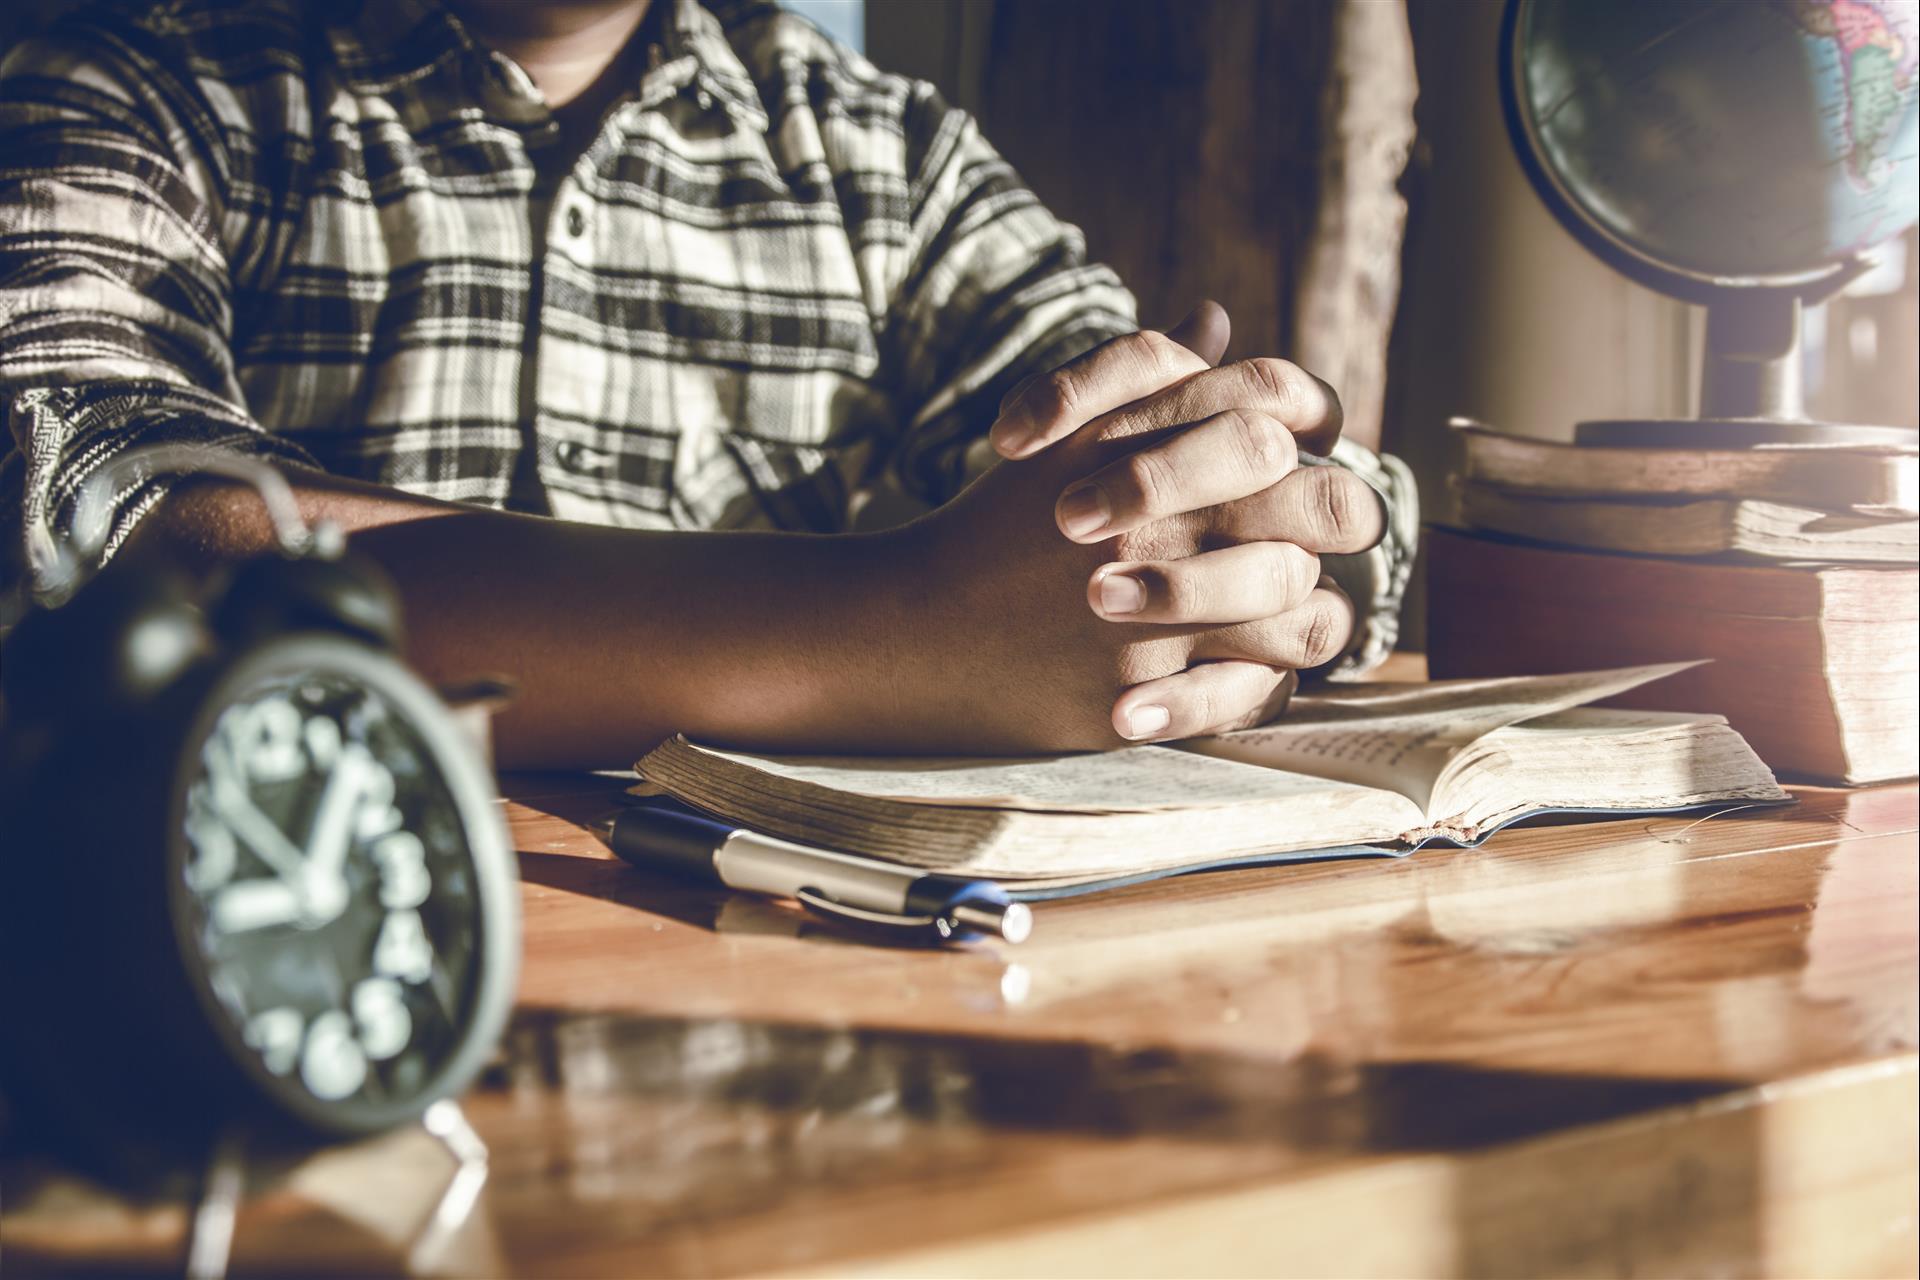 Stewarding Your Time as a Senior of Faith